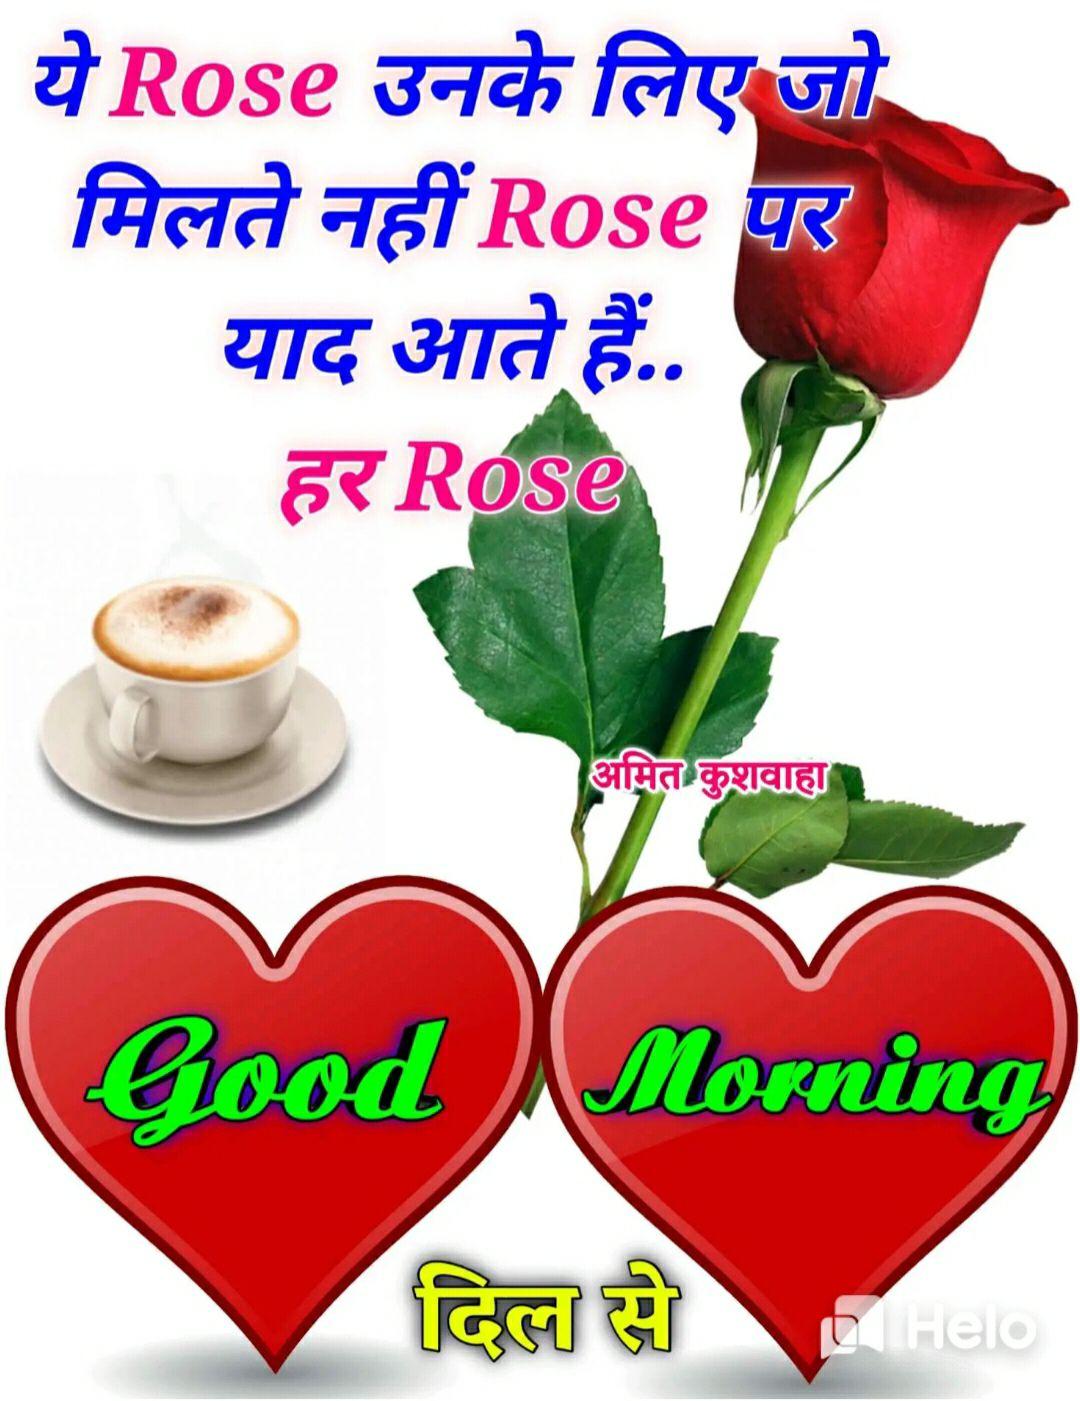 🌞 Good Morning🌞 - ये Rose उनके लिए जो मिलते नहीं Rose पर याद आते हैं . . हर Rose अमित कुशवाहा Good Morning दिल से Hel - ShareChat